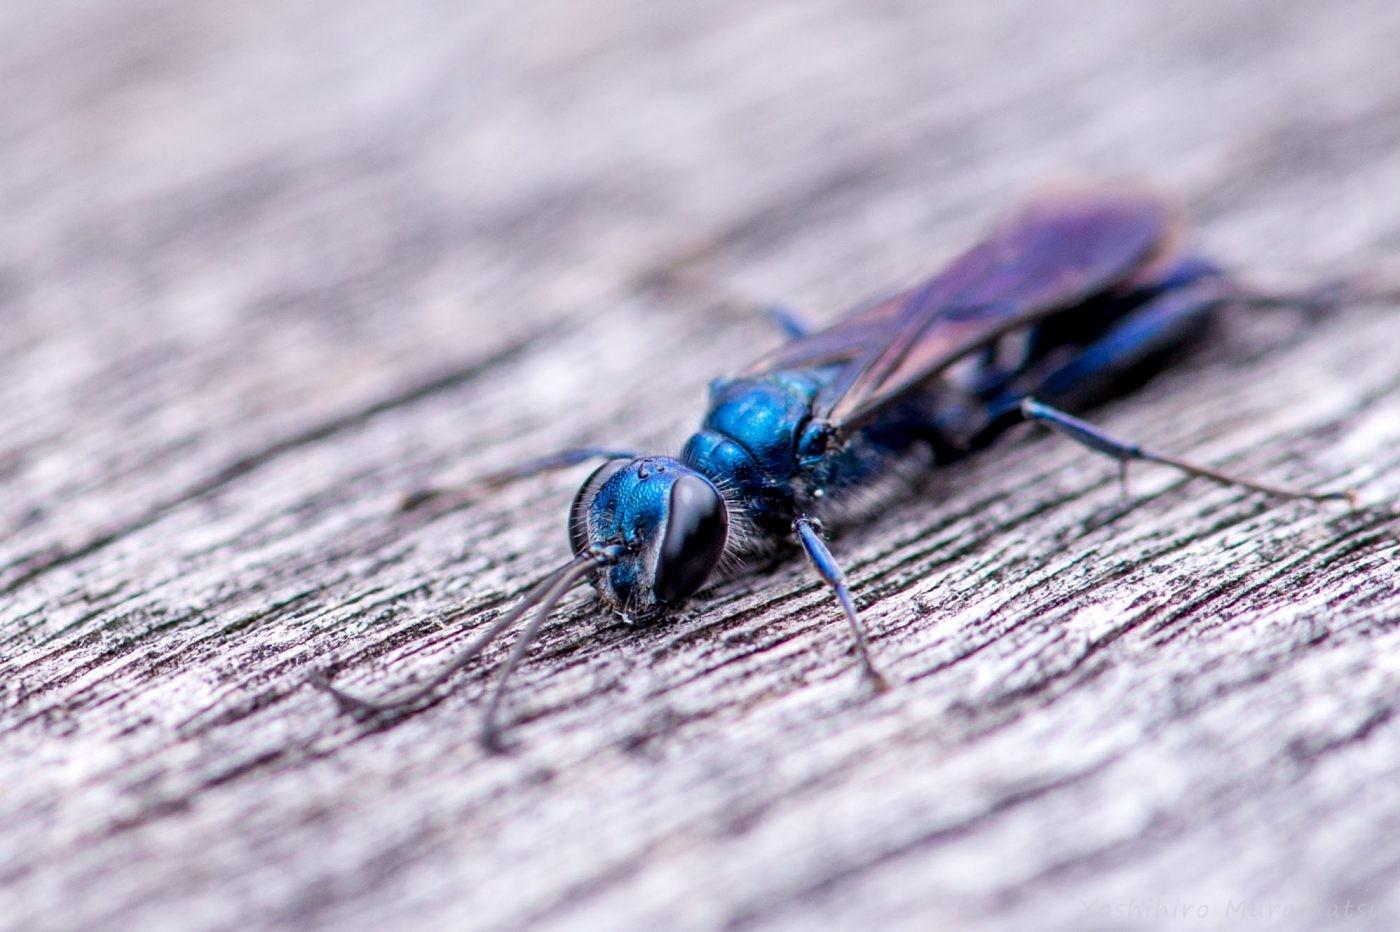 ヤマトルリジガバチの写真